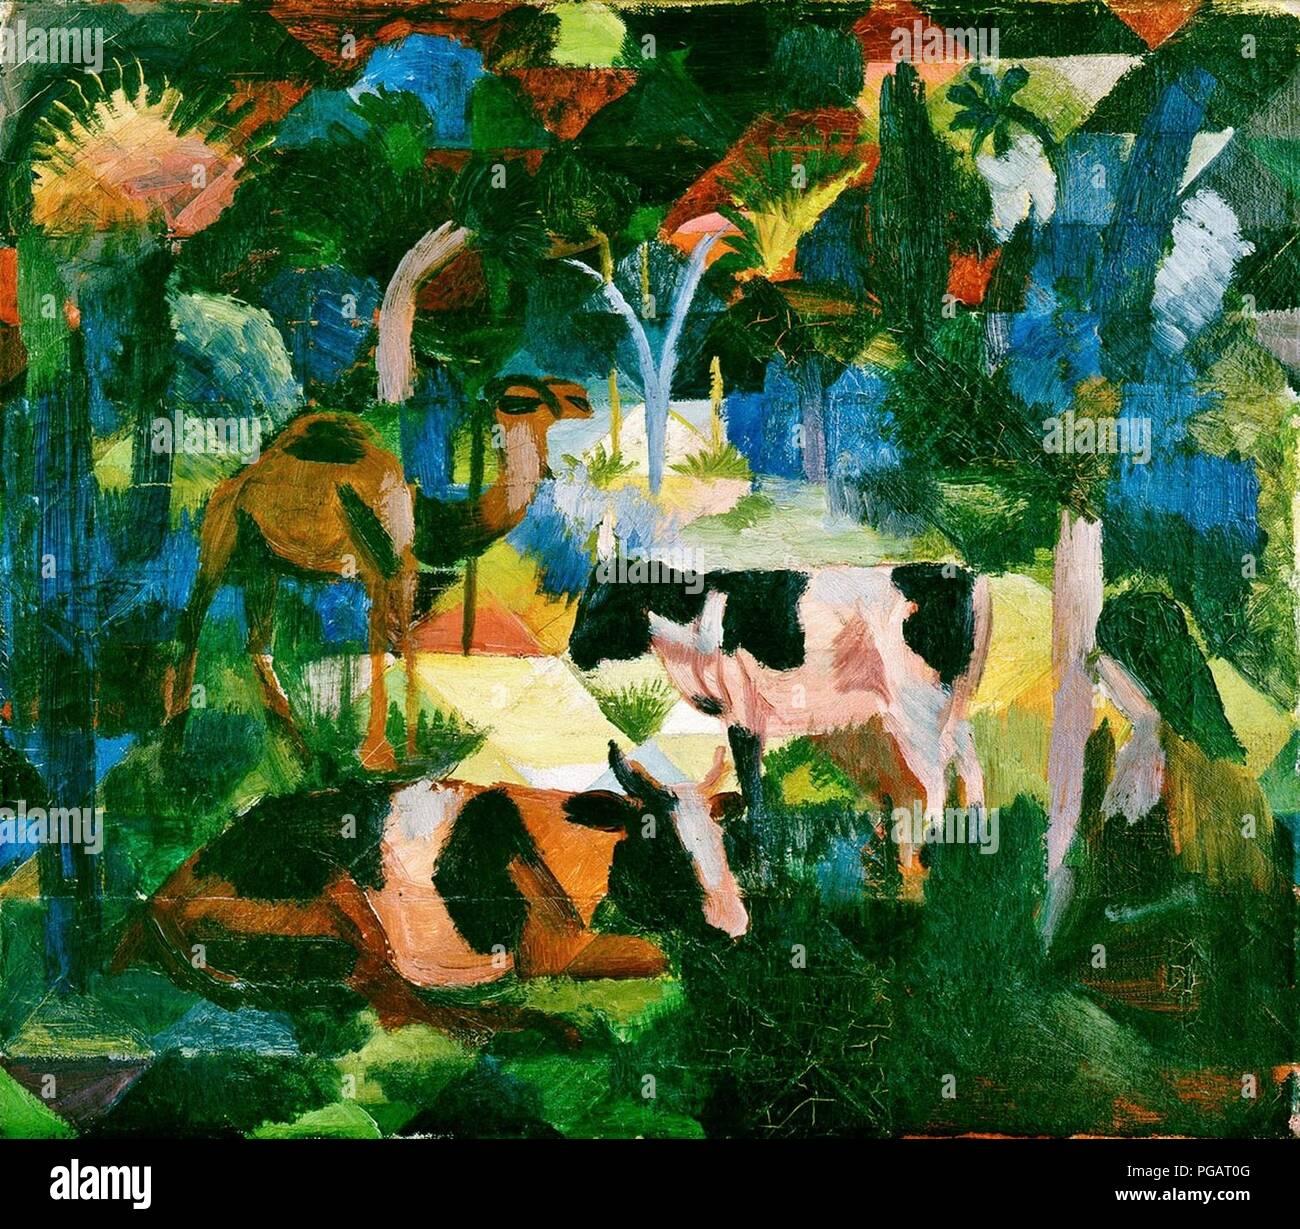 August Macke - Paesaggio con mucche e cammello. Immagini Stock